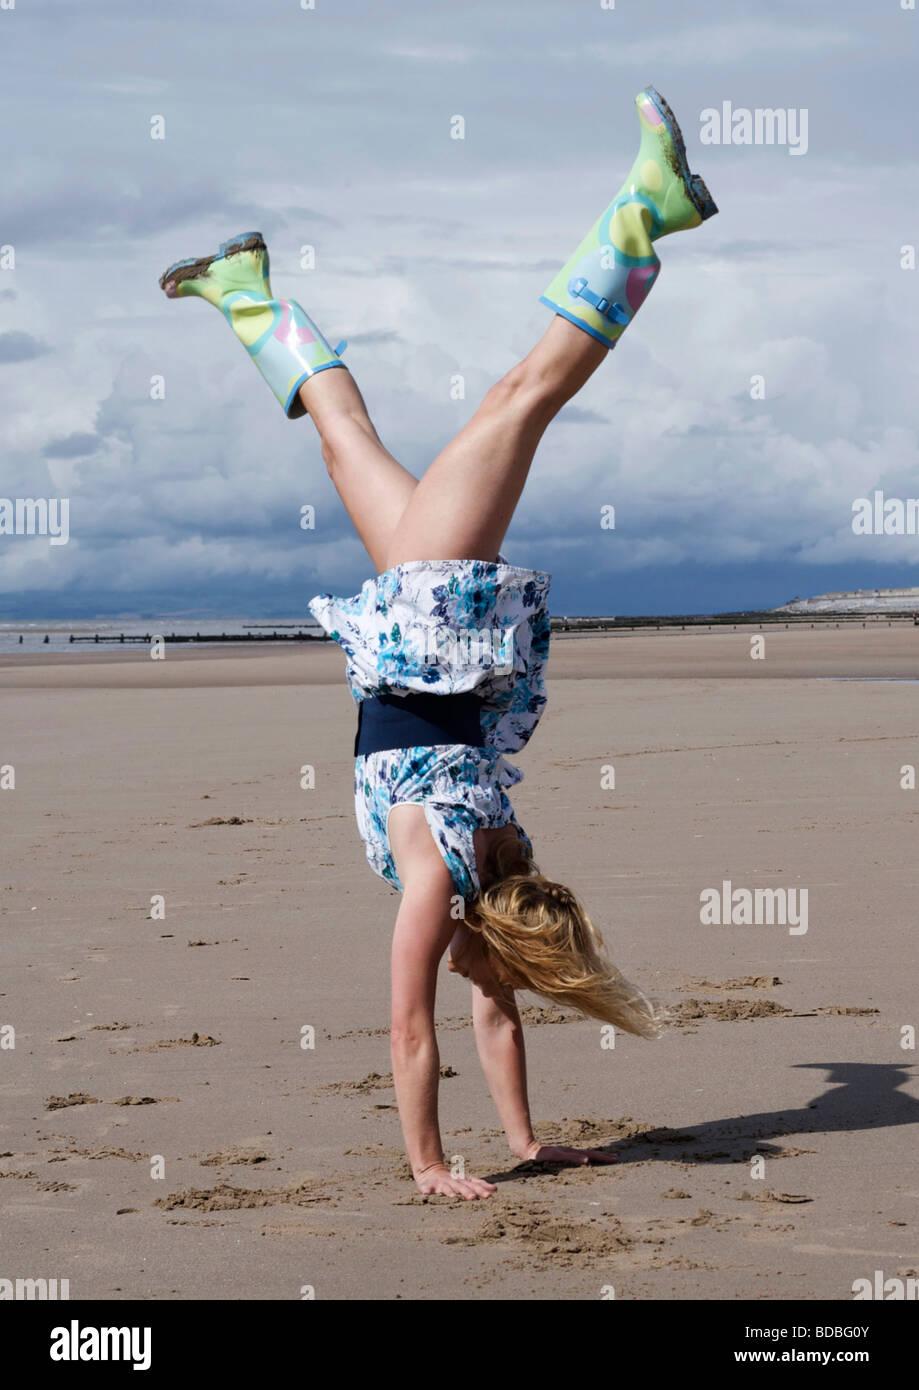 Donna che indossa un vecchio abito floreali e stivali da pioggia, facendo un handstand sulla spiaggia Immagini Stock